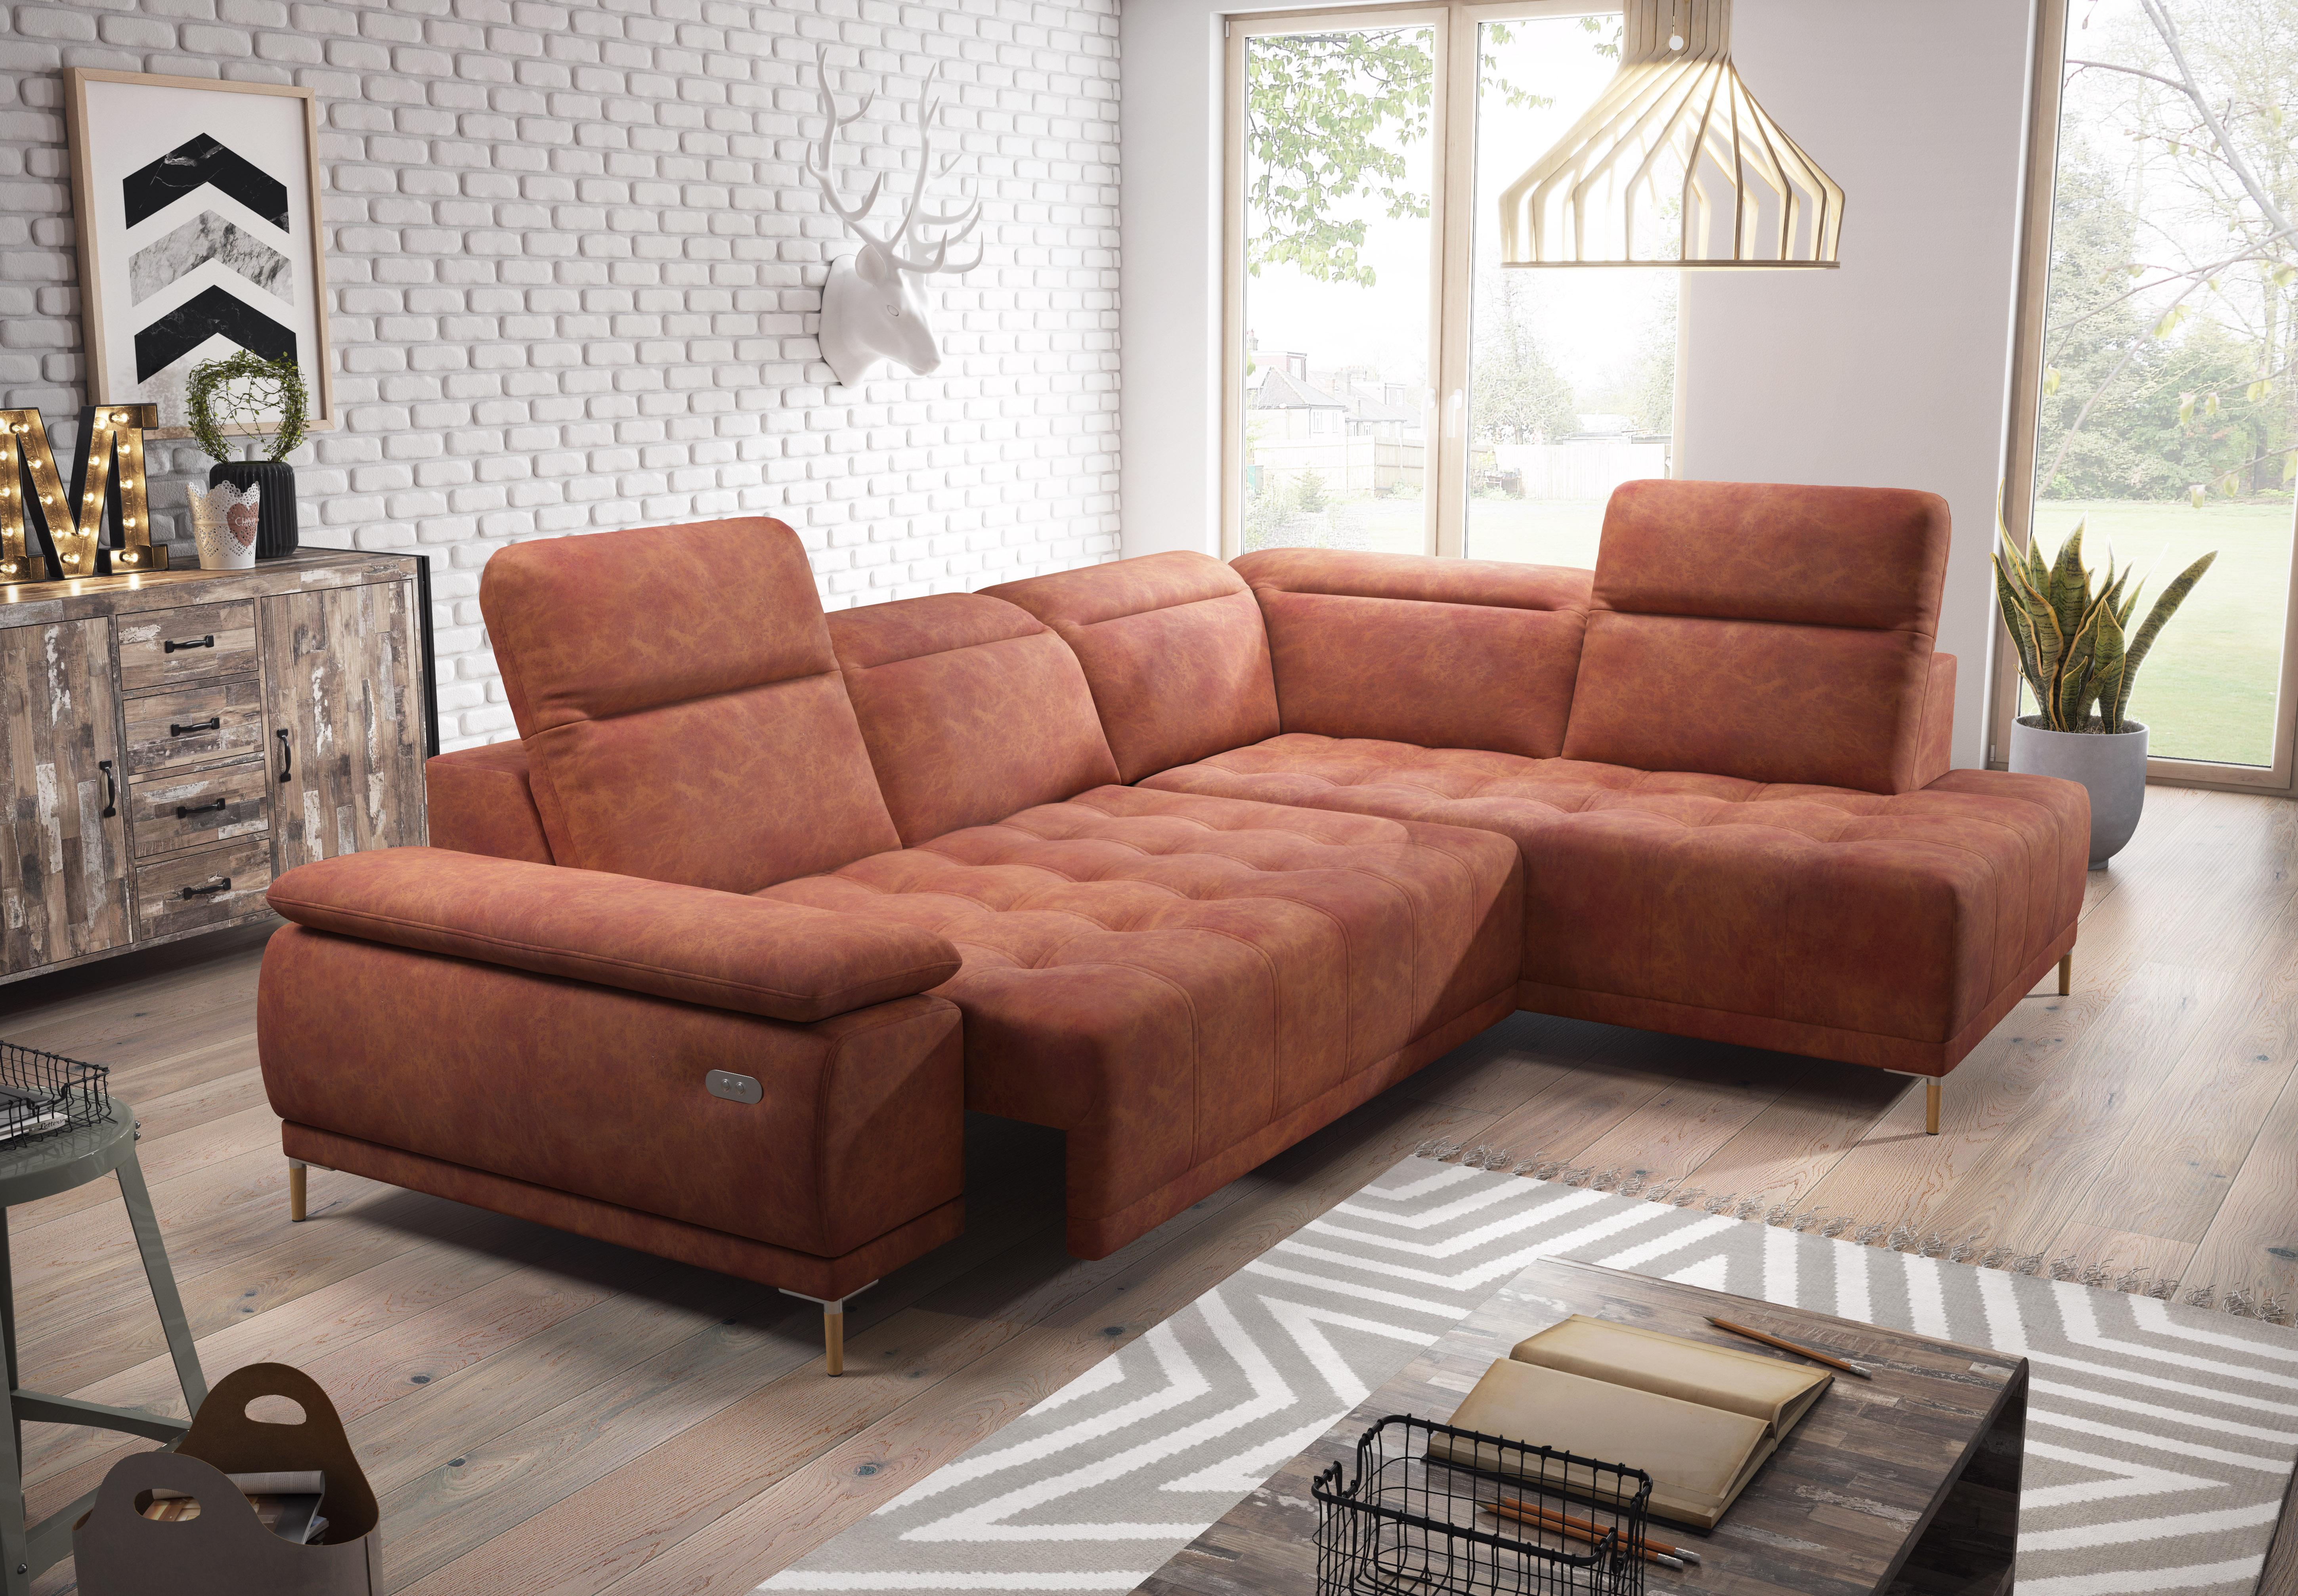 Moderná sedacia súprava – základ každej obývačky